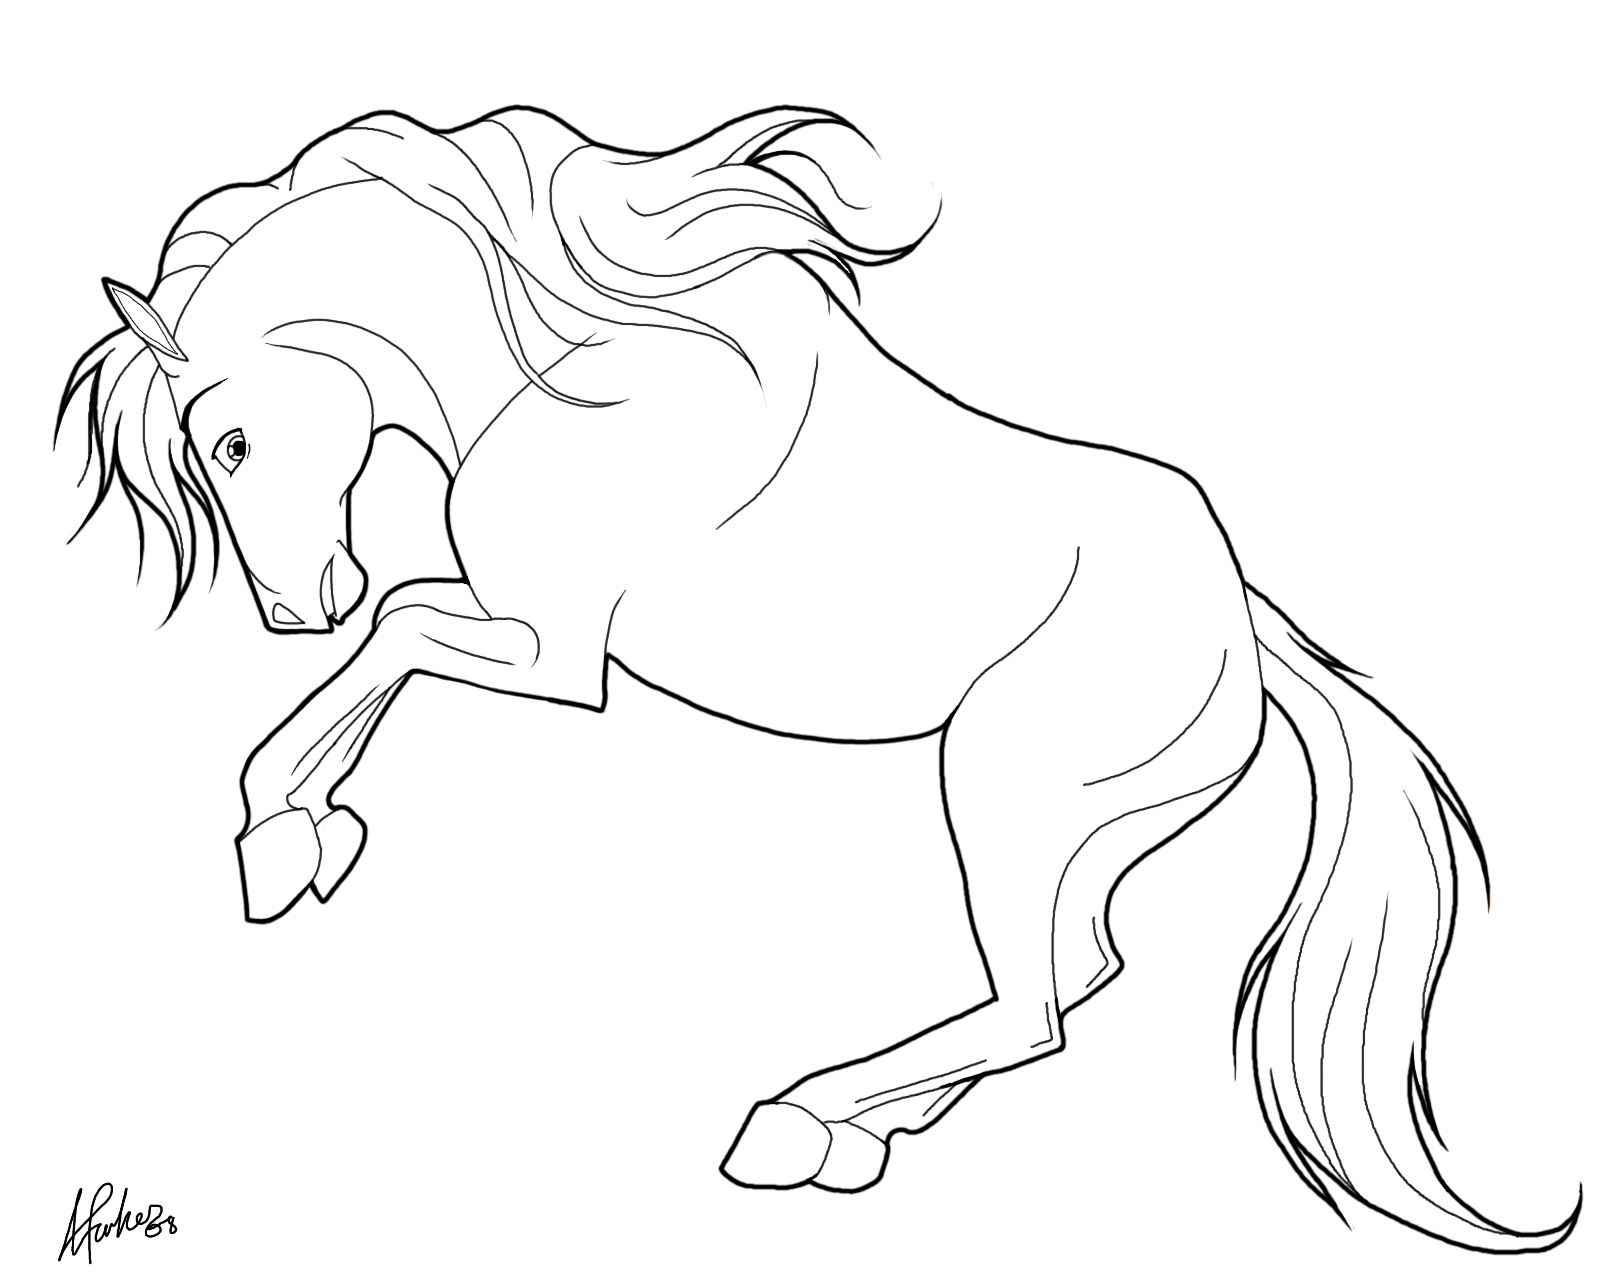 Coloriage Animaux A Colorier Sur L Ordinateur Luxe Galerie Sensationnel En Ligne Dessin De Chevaux A C Horse Coloring Pages Horse Coloring Horse Coloring Books